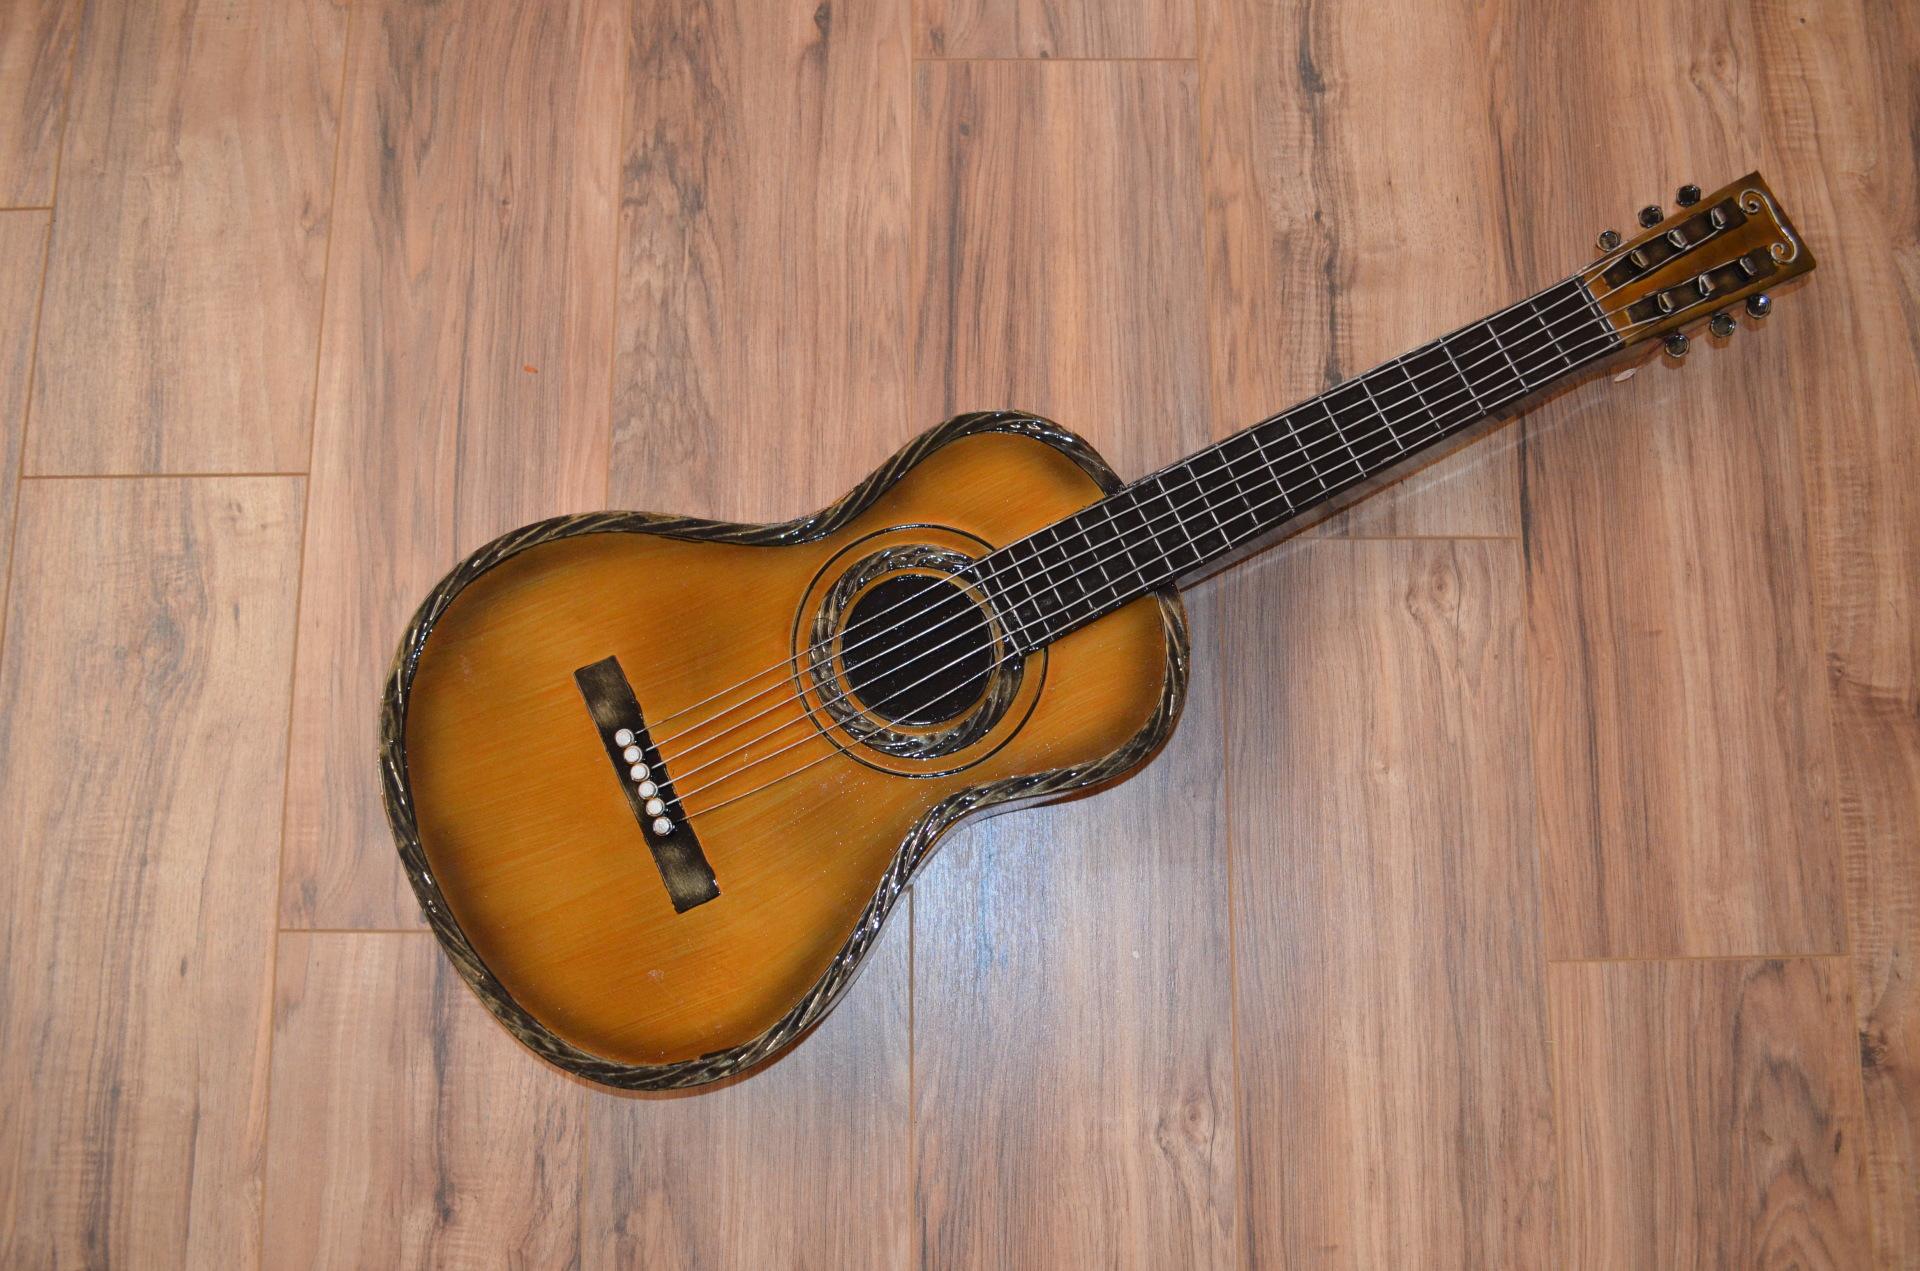 Metal Guitar-$39.99